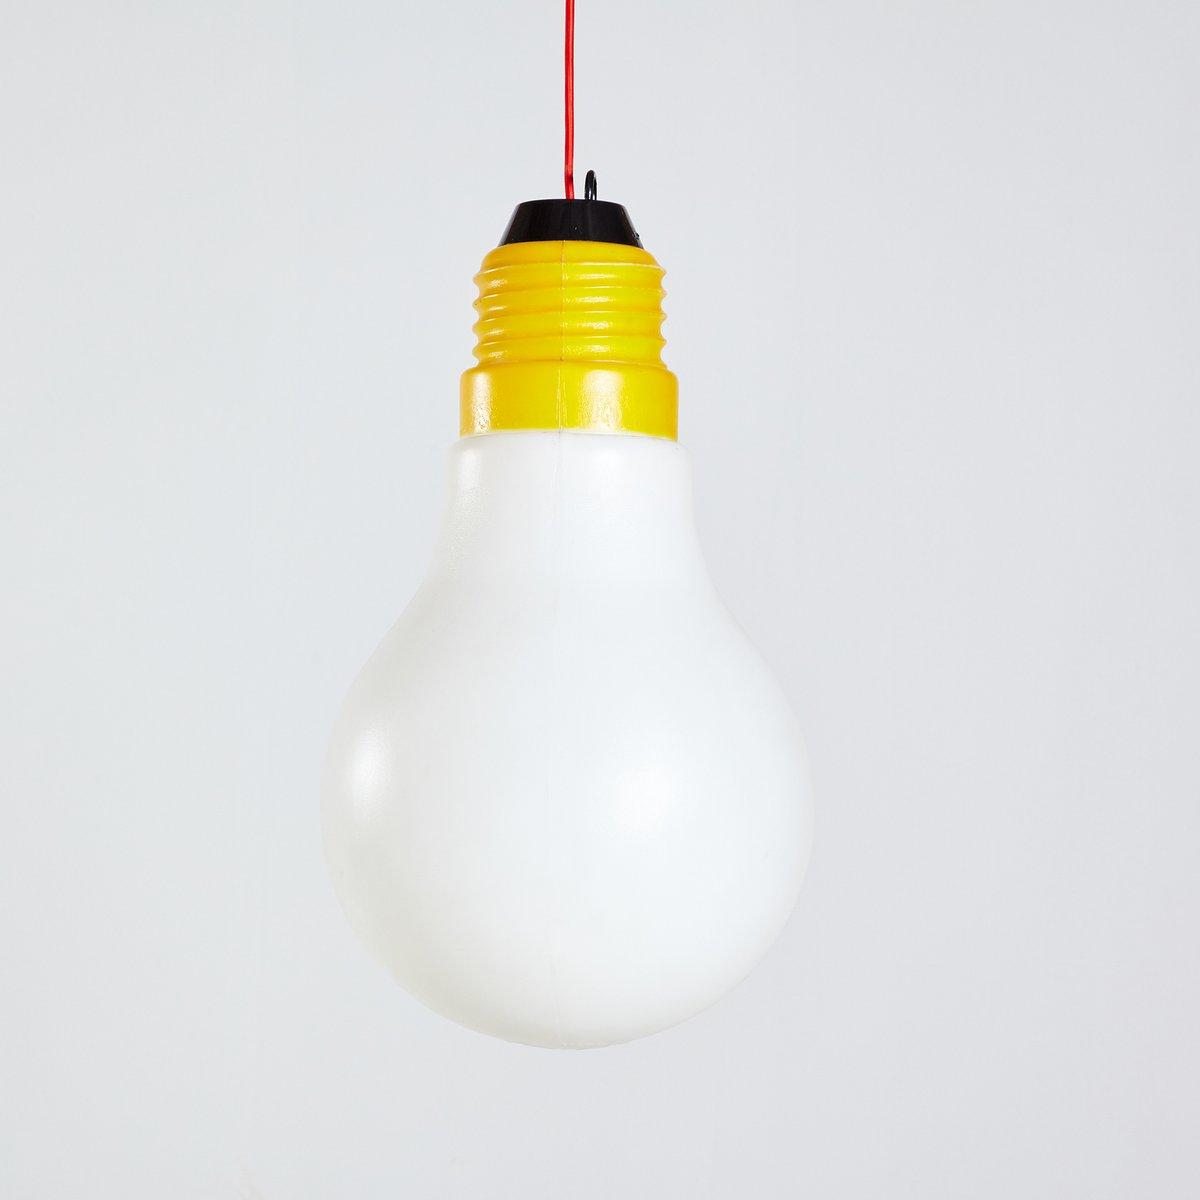 Bulb Lampe von Ingo Maurer für Design M, 1970er